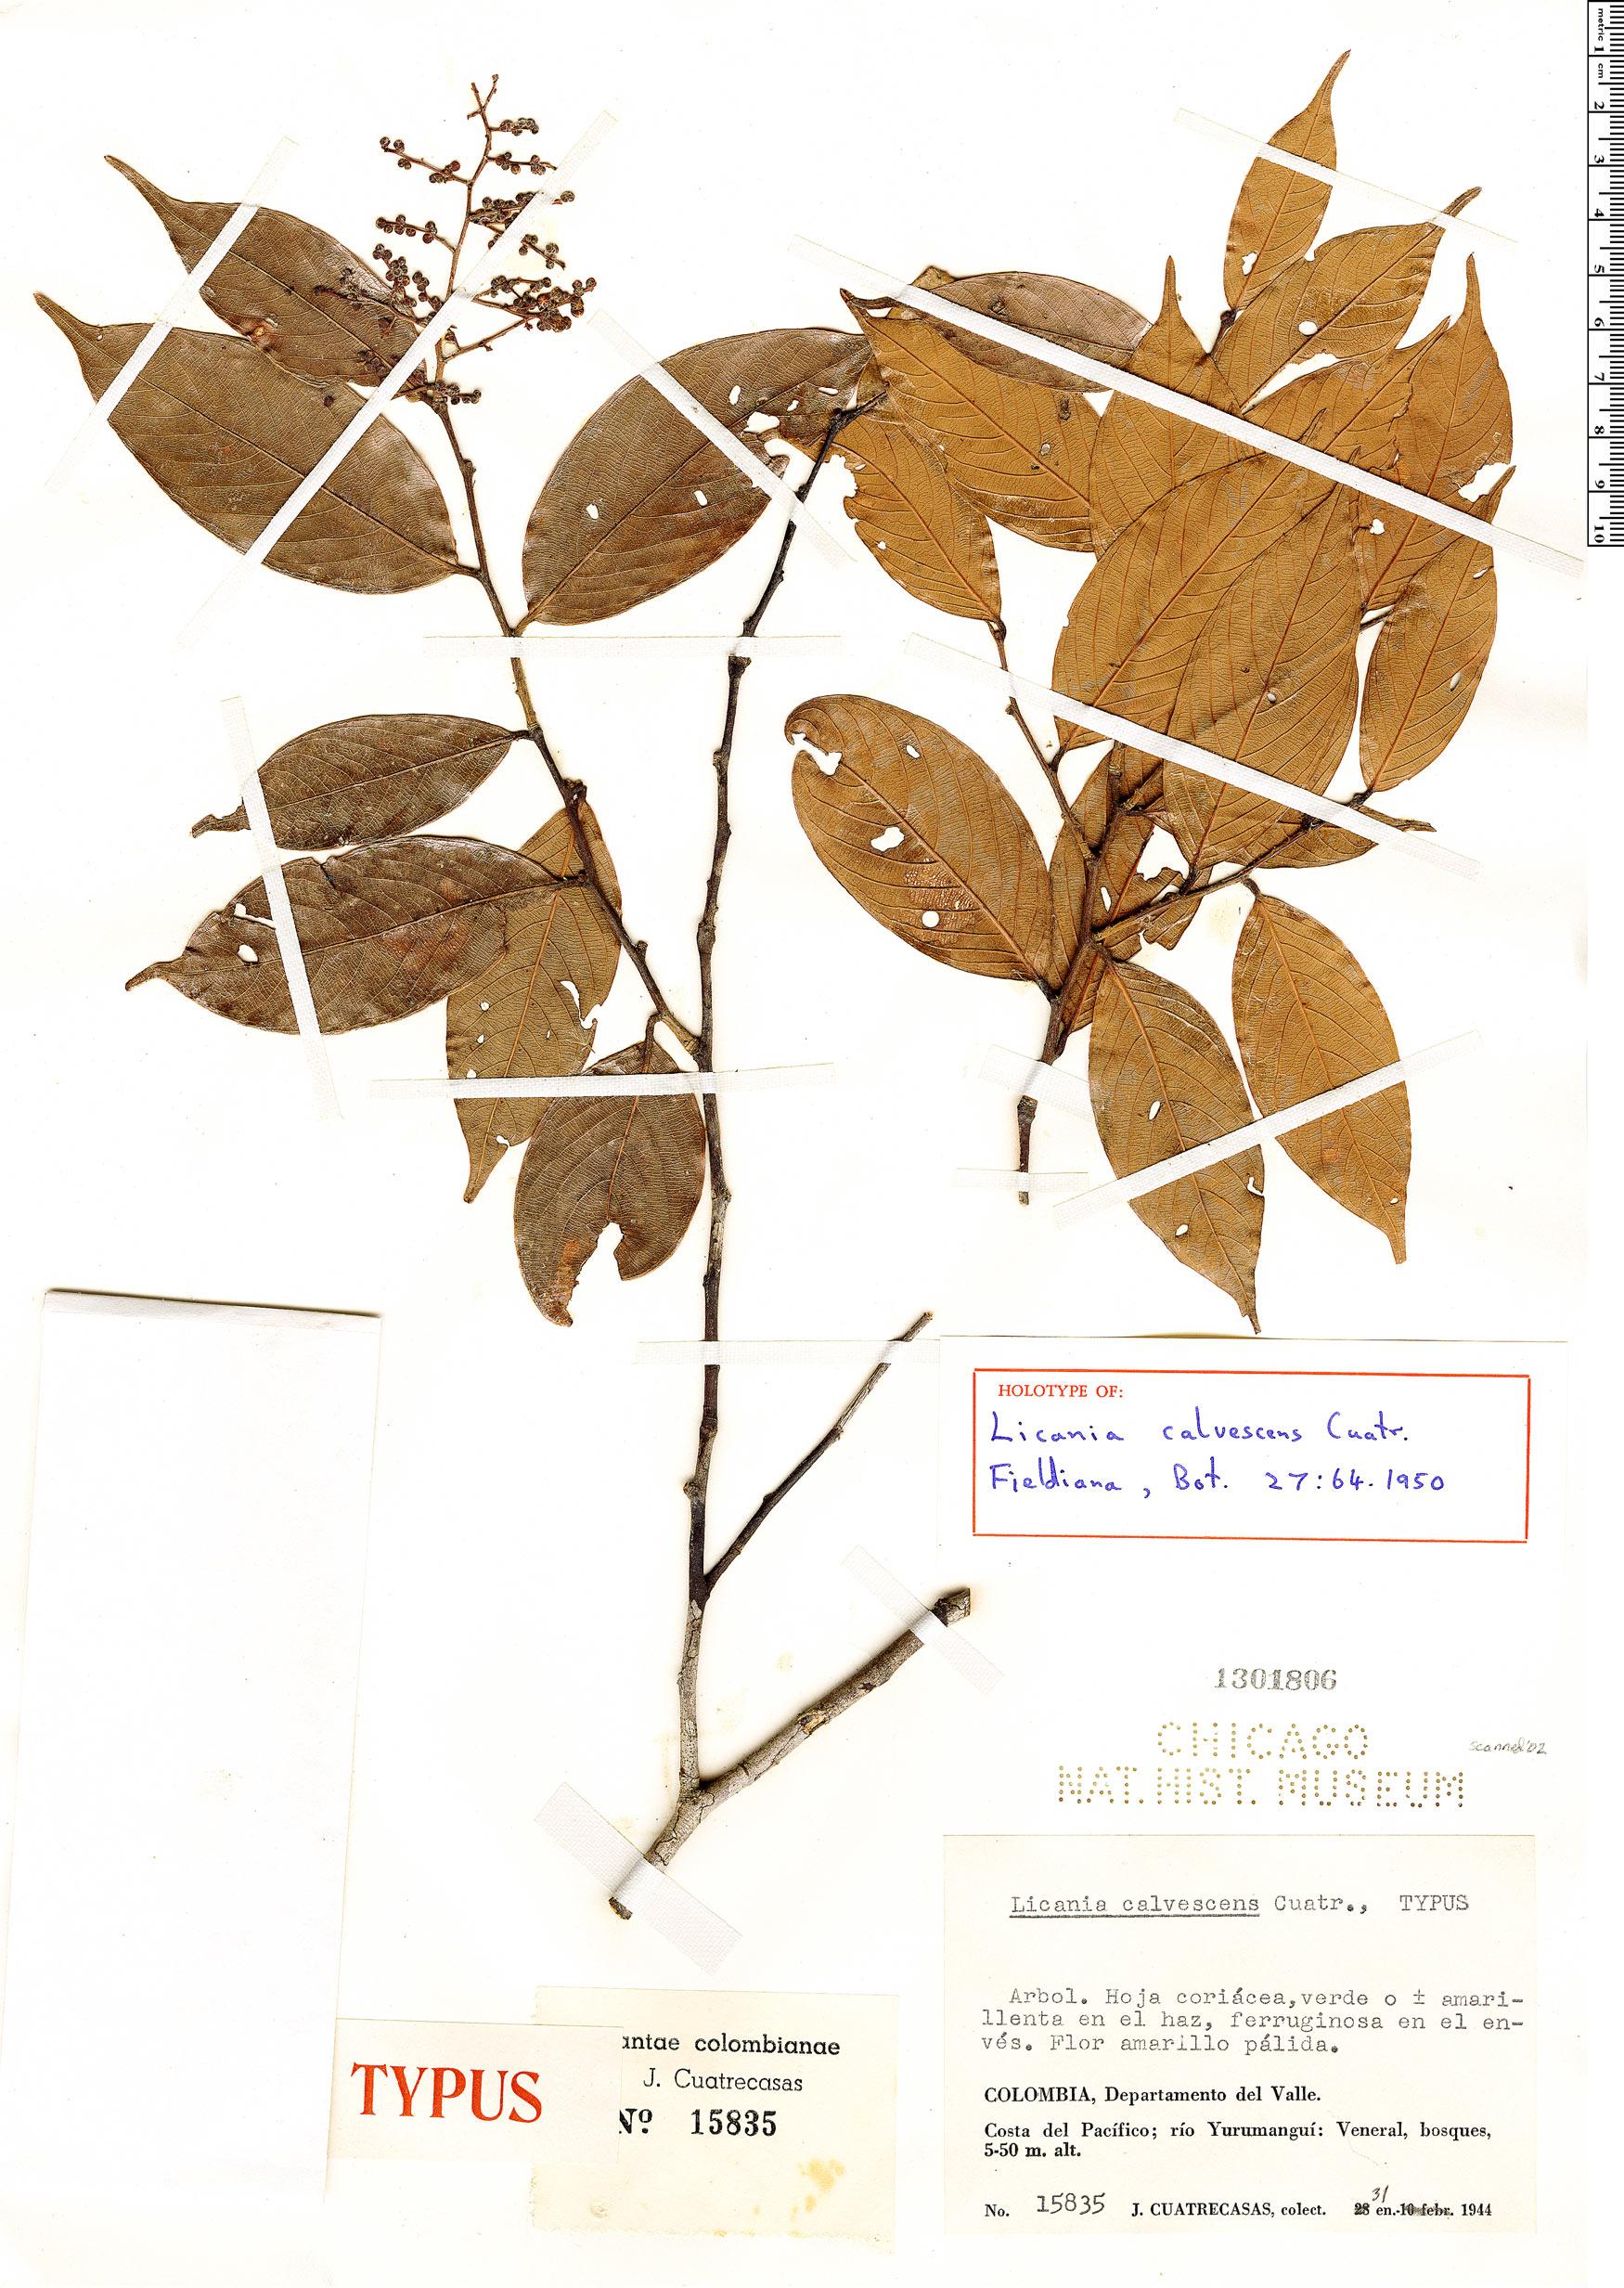 Specimen: Licania calvescens